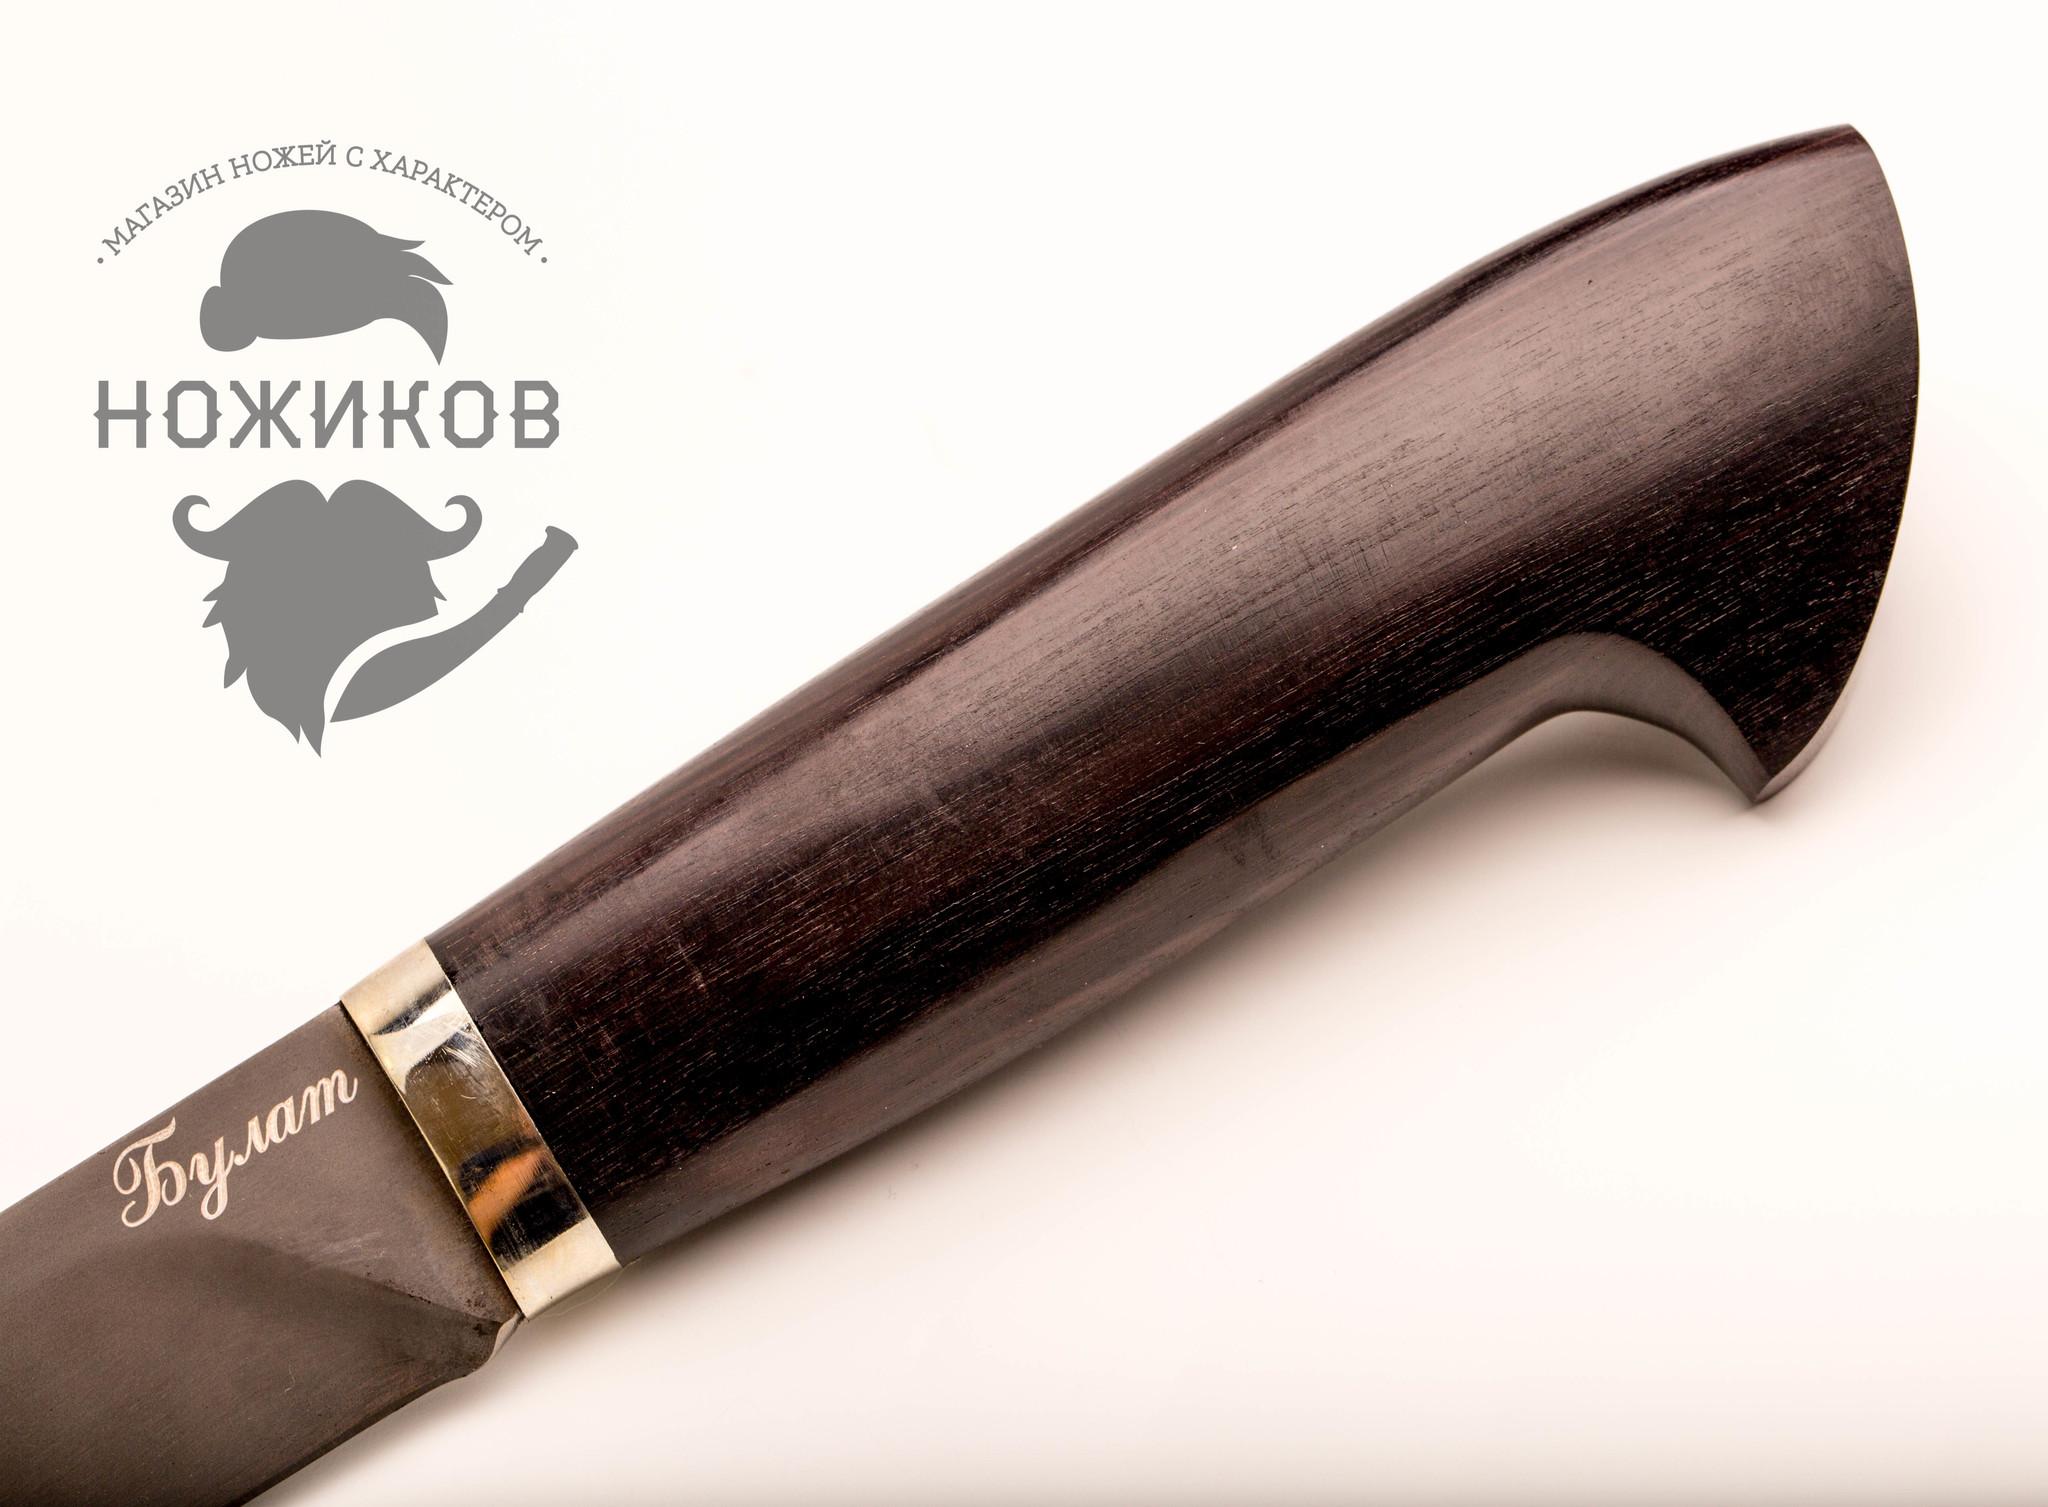 Фото 8 - Нож Якут булат, граб от Мастерская Климентьева